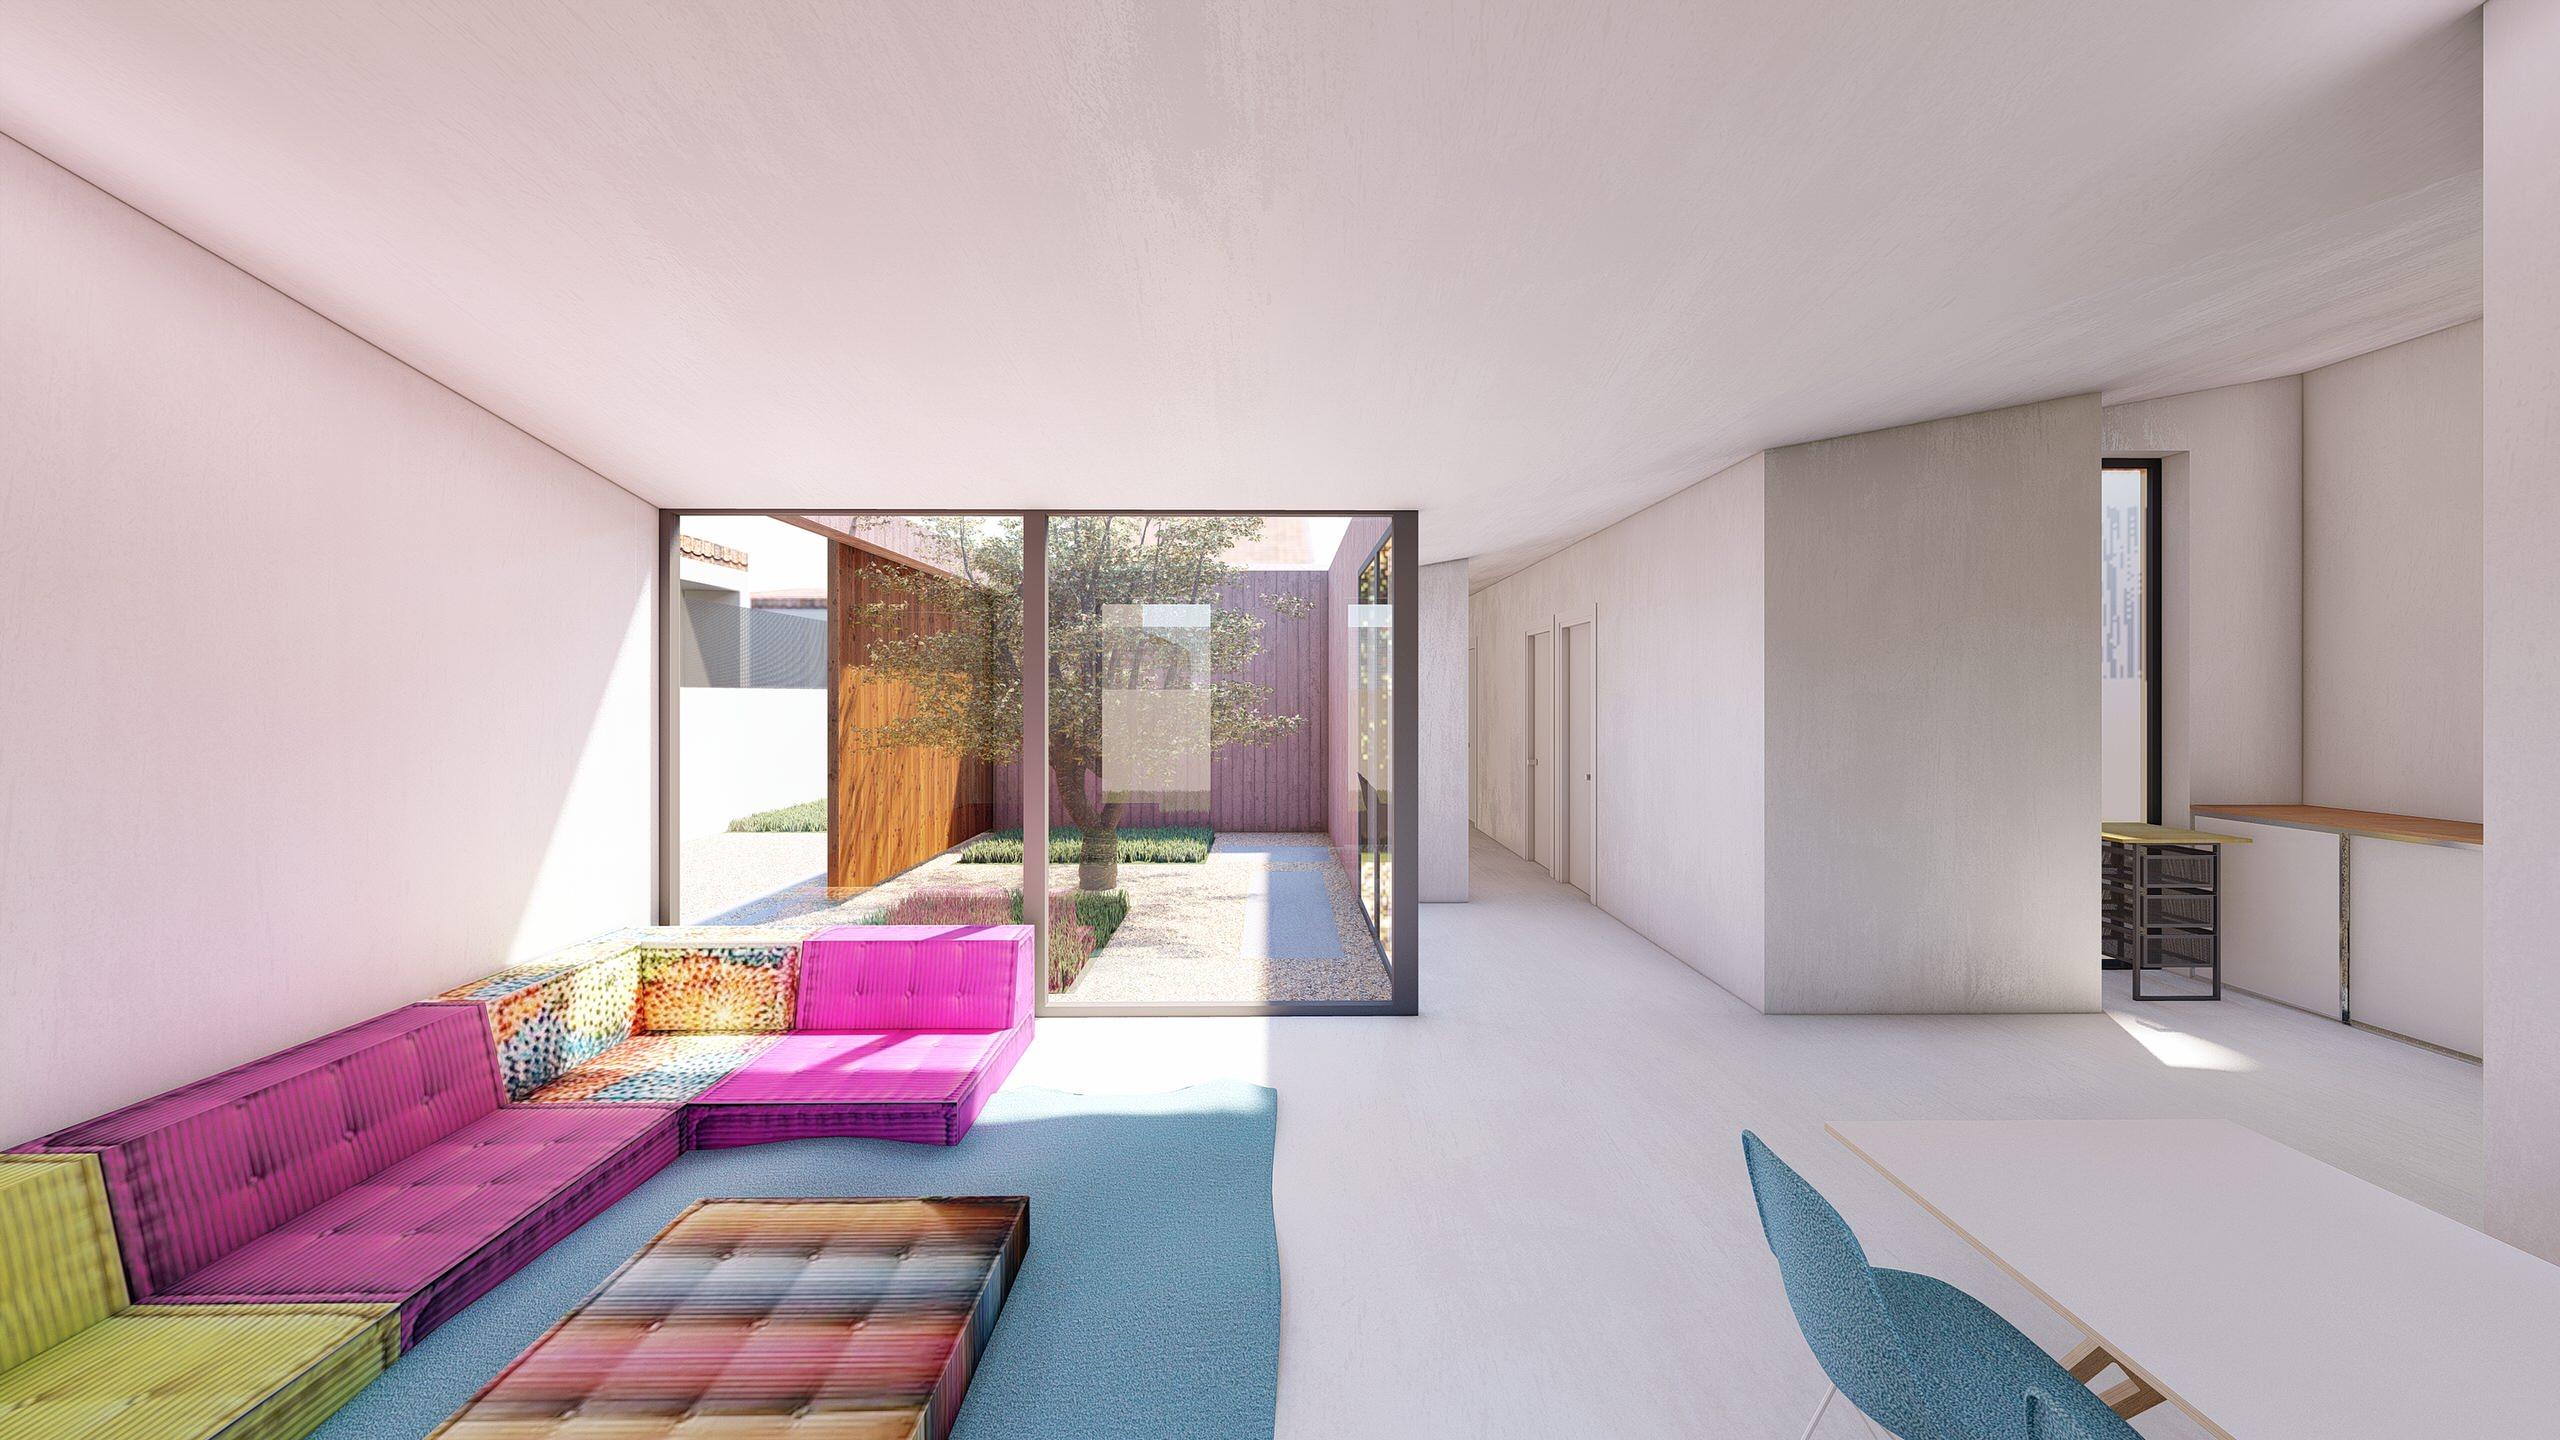 Vista del salón y conexión con el patio interior